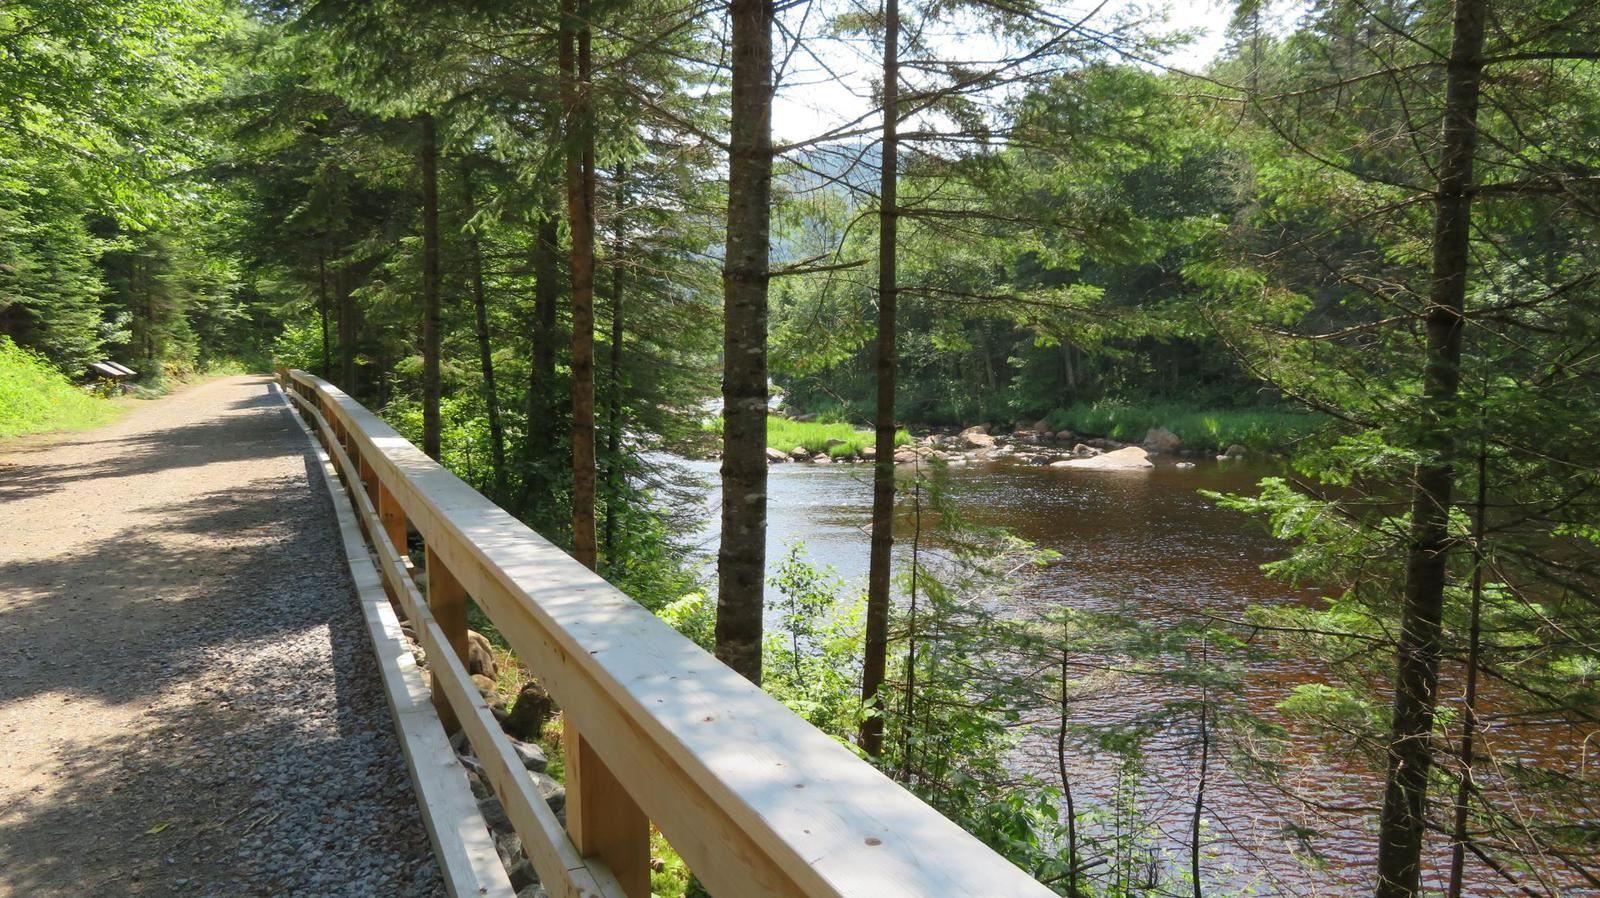 Album photos : Parc de la Jacques Cartier, sentier des coulées (Canada - Québec)